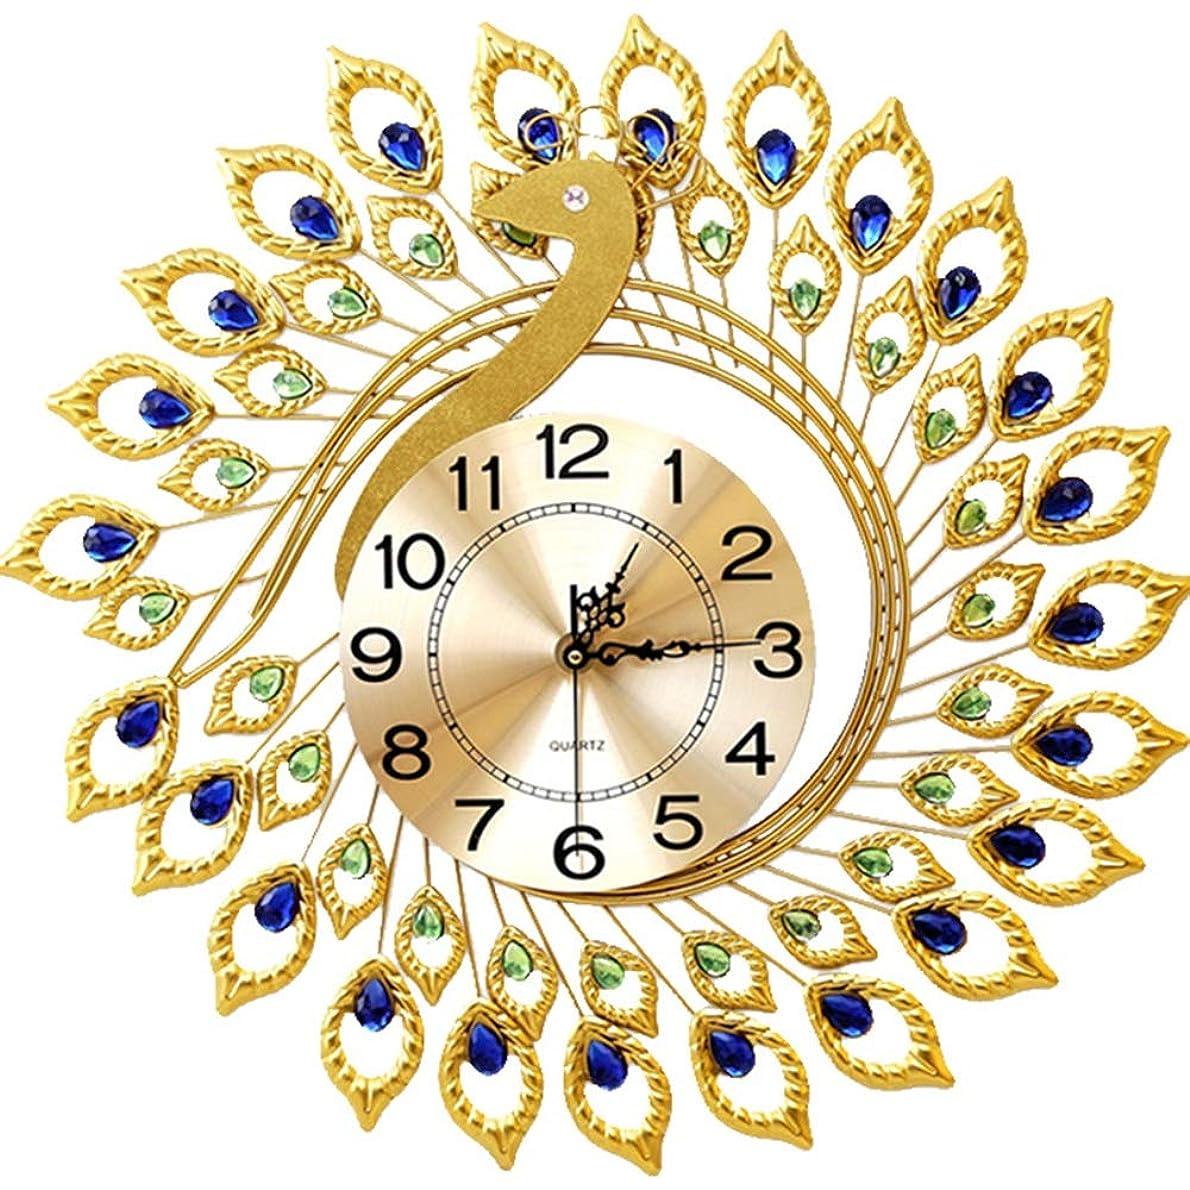 キャンバスずらす速記Wsw ヨーロッパの現代の創造的な孔雀スタイルのリビングルームの金属製の壁時計ゴールドリビングルームの寝室のダイニングルームラウンド高級ラインストーンの装飾装飾58 * 58 Cm ファッション